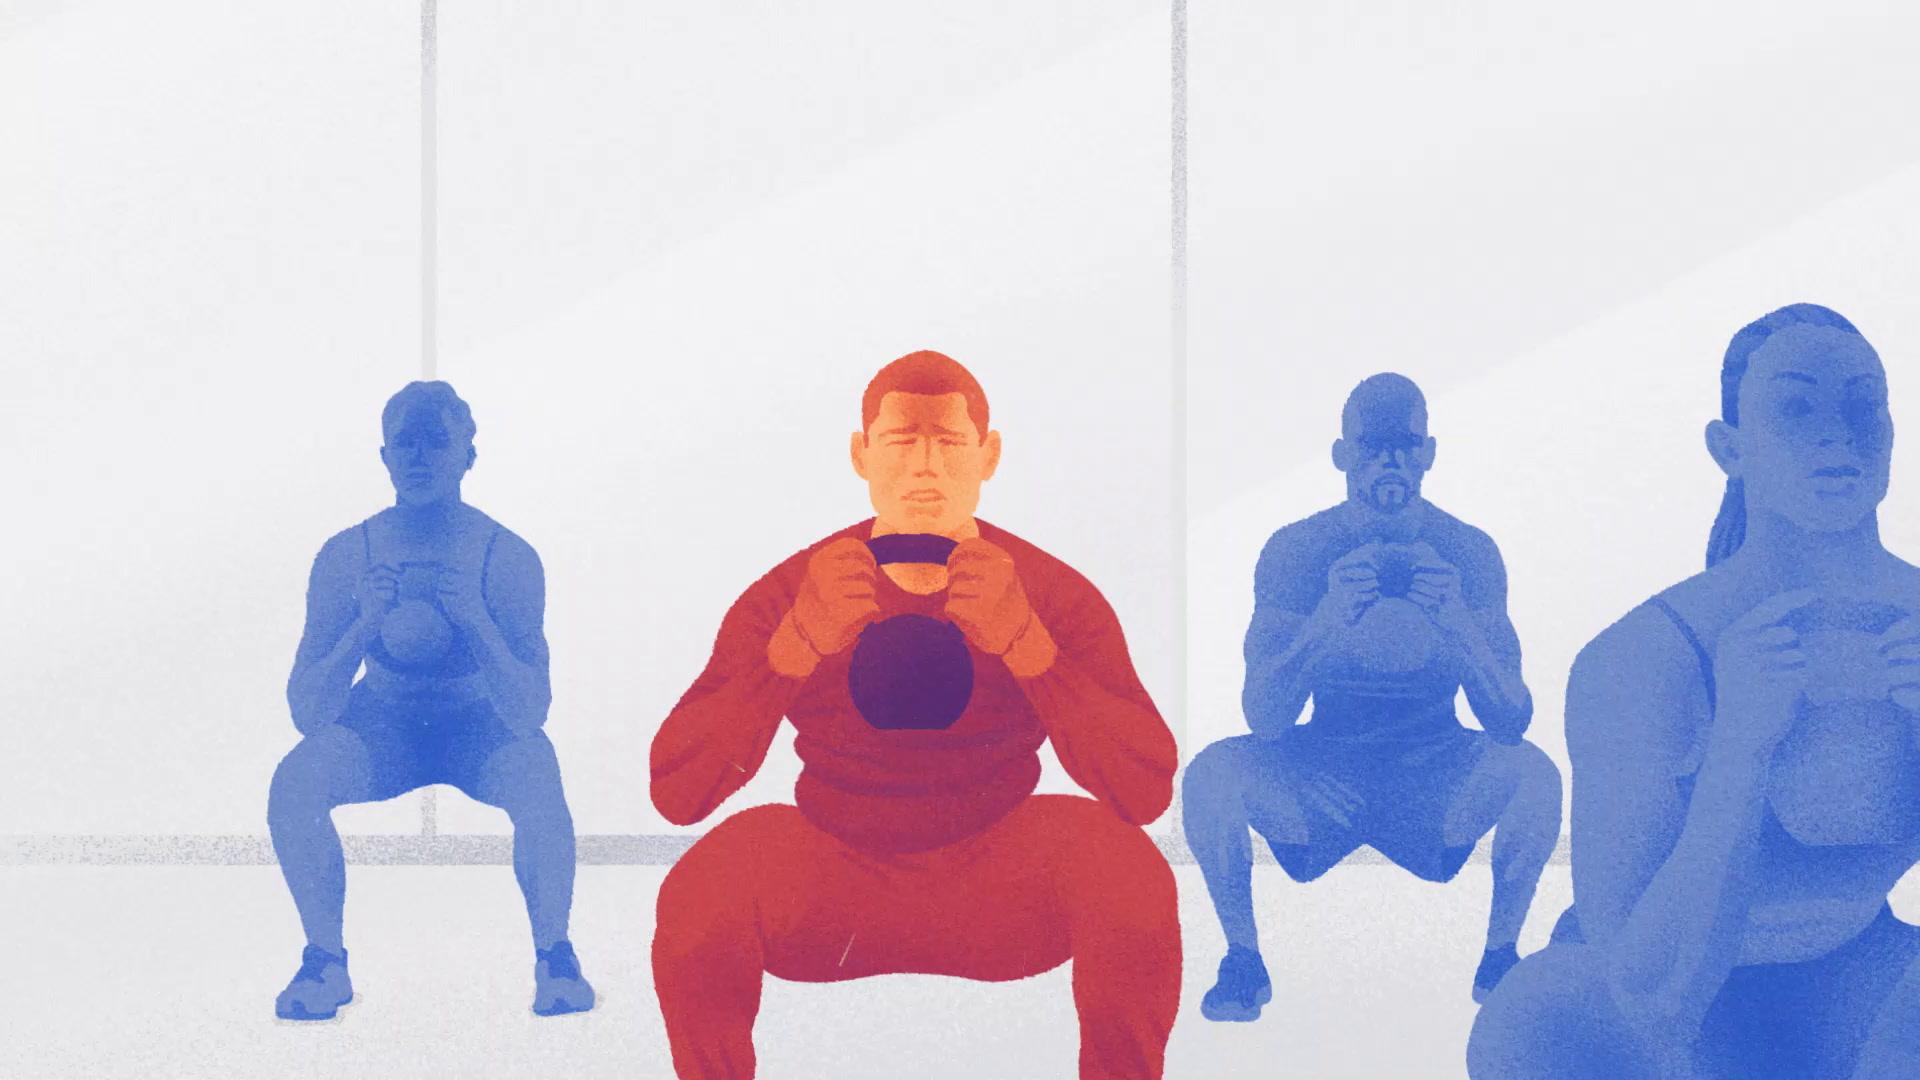 hogyan lehet pikkelysömör kezelni otthon a testen vörös foltok az edények lábán fotó